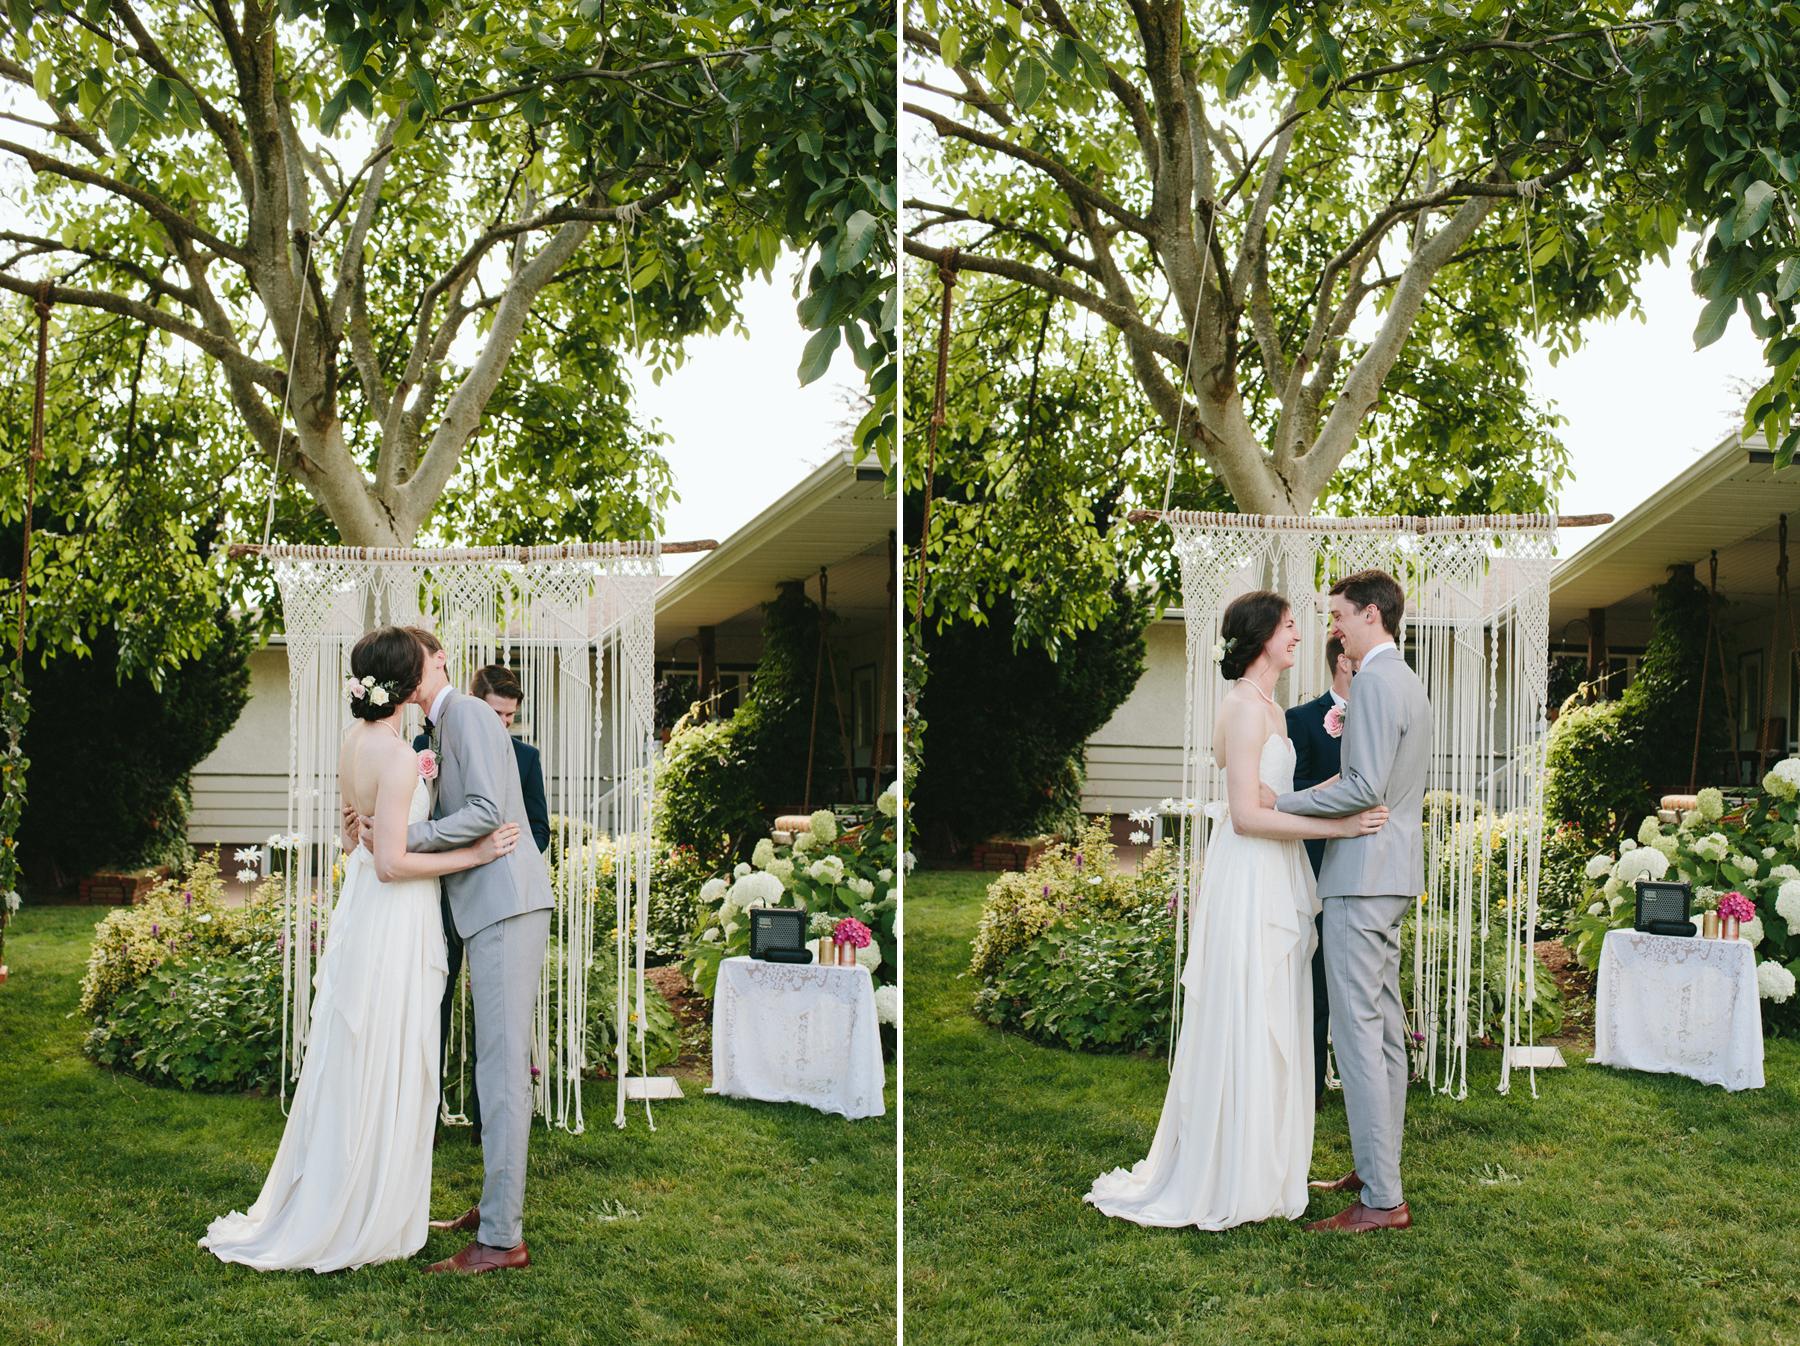 Vancouver-Rustic-Farm-Wedding-KB-126.jpg